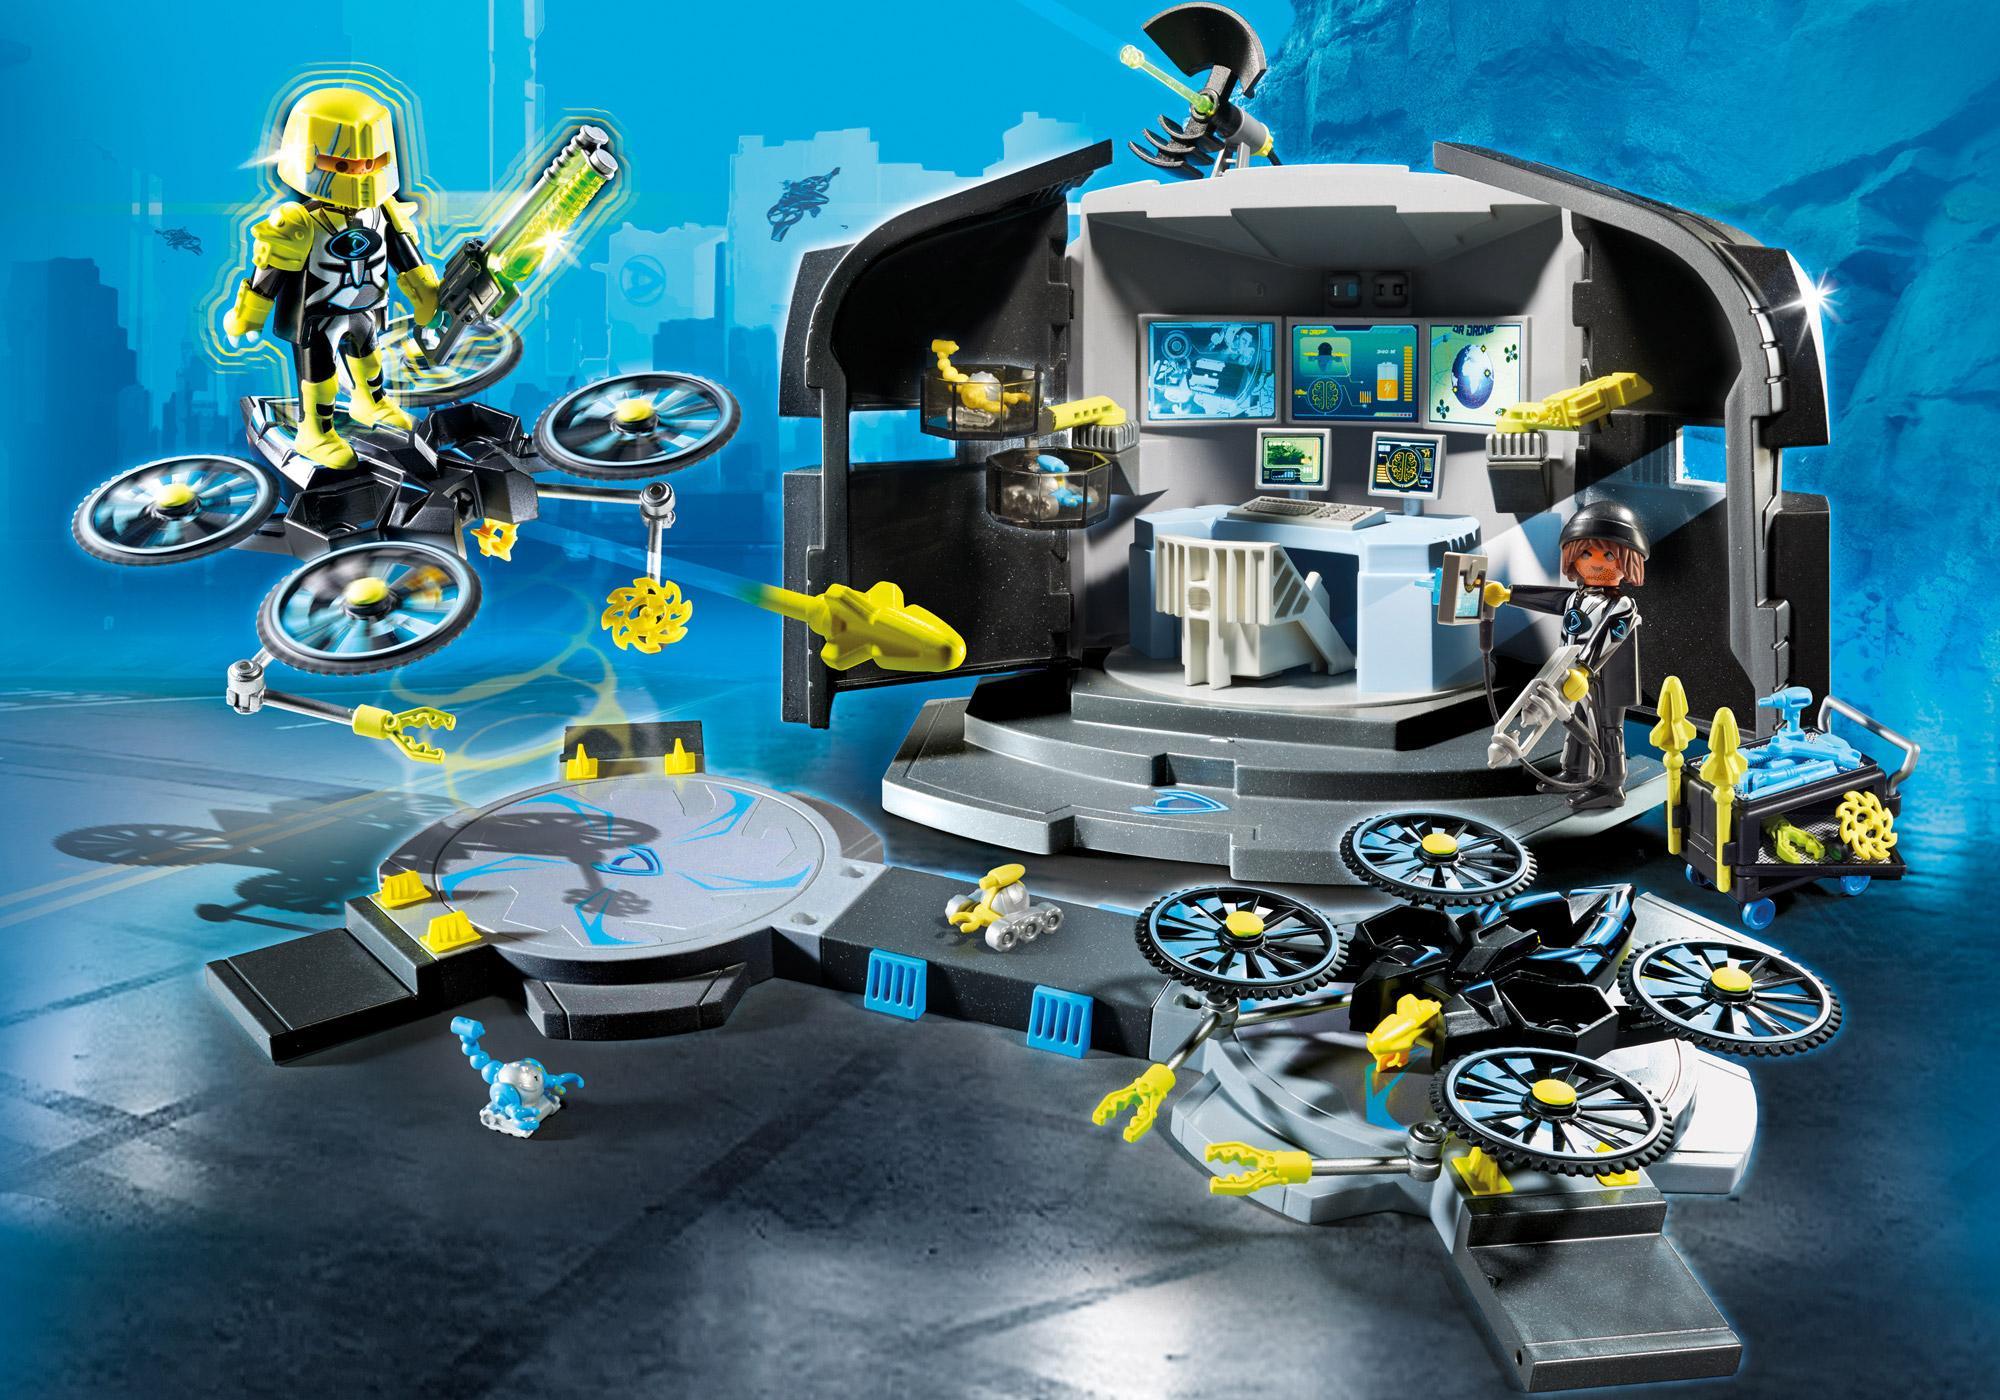 http://media.playmobil.com/i/playmobil/9250_product_detail/Centro de Comando do Dr. Drone